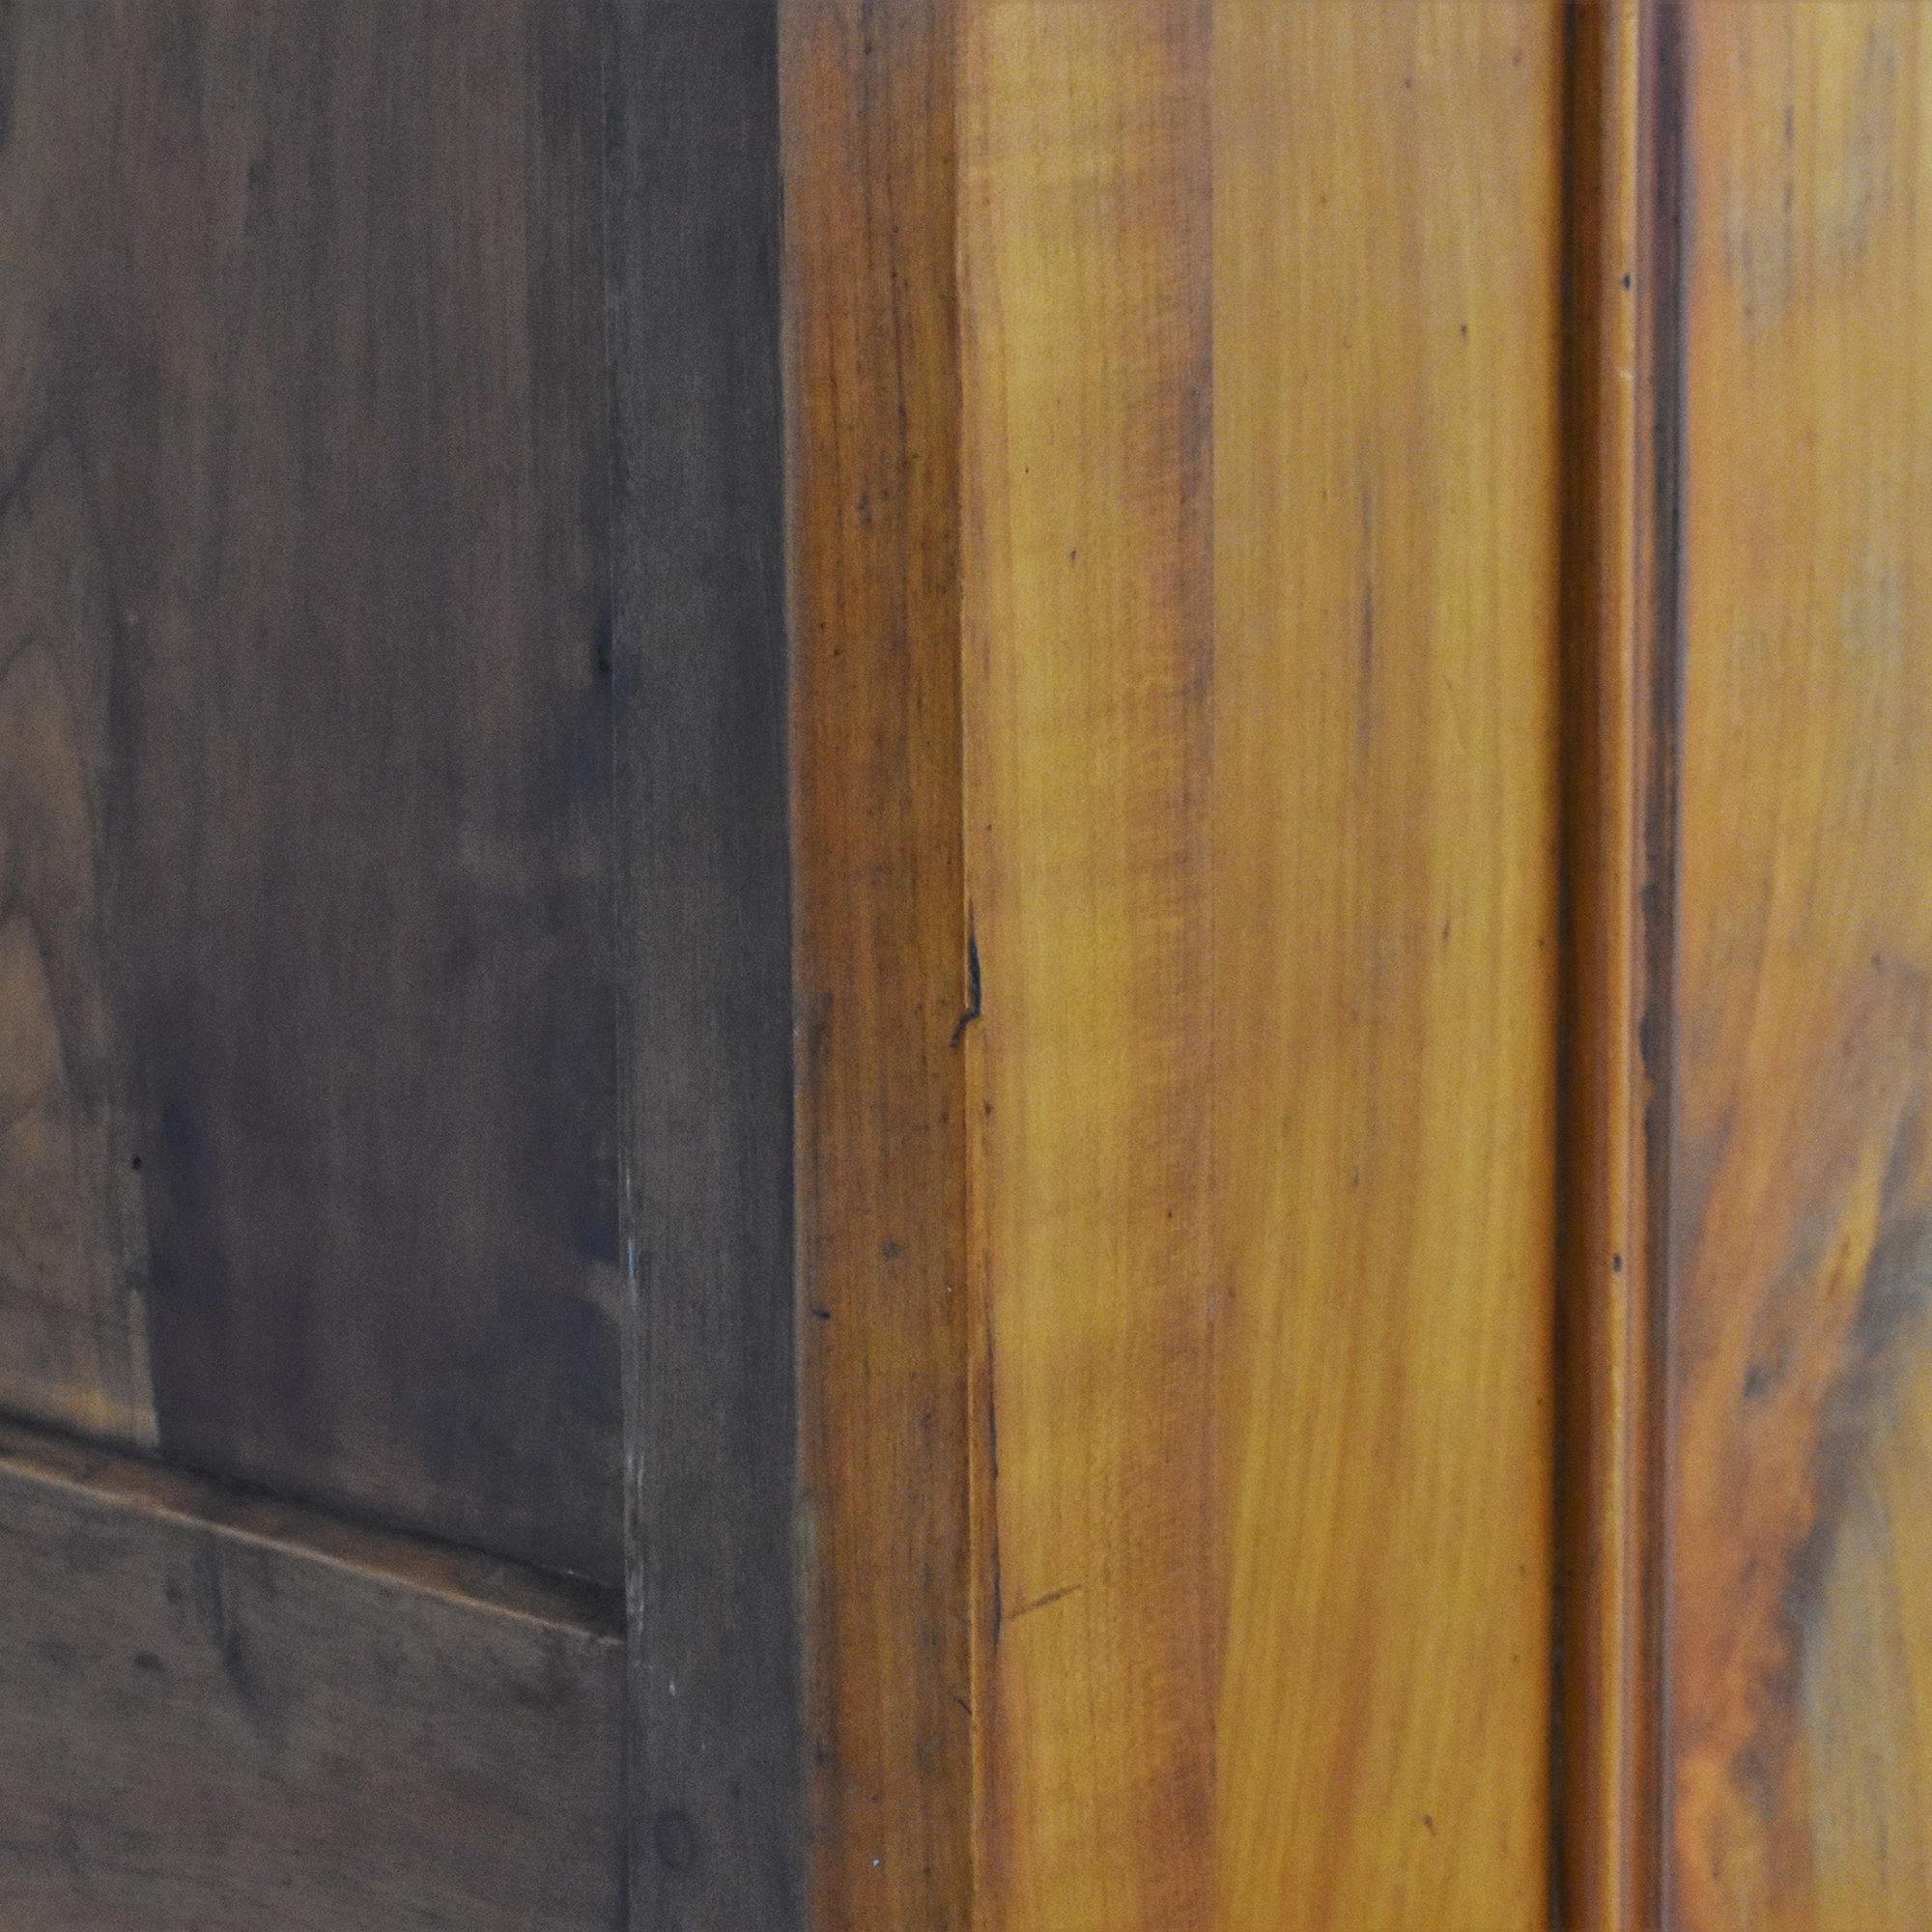 ABC Carpet & Home ABC Carpet & Home Two Door Armoire nj